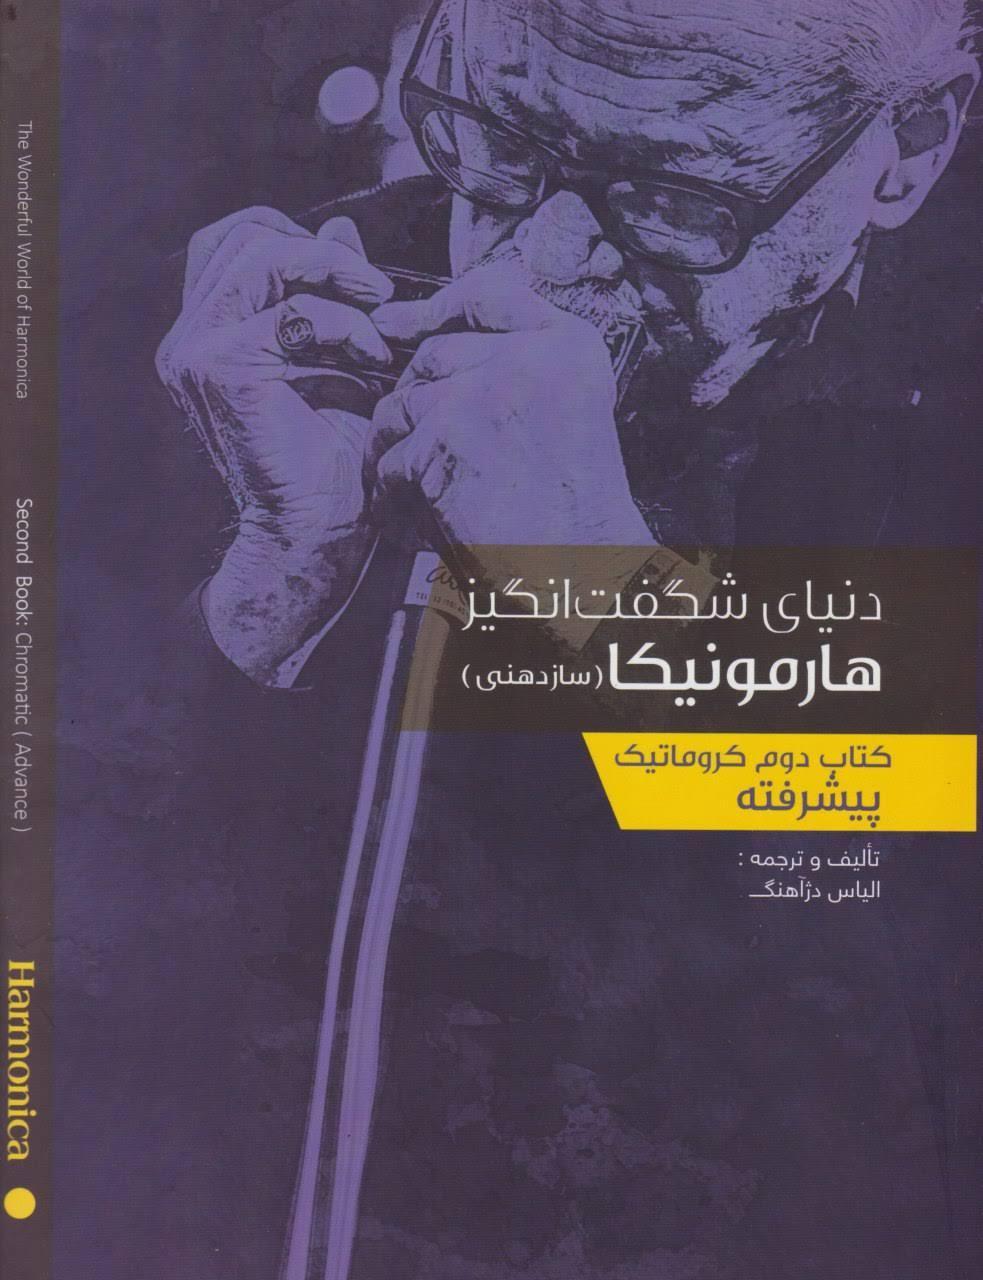 کتاب دنیای شگفتانگیز هارمونیکا (سازدهنی) جلد دوم الیاس دژآهنگ انتشارات گنجینه نارون